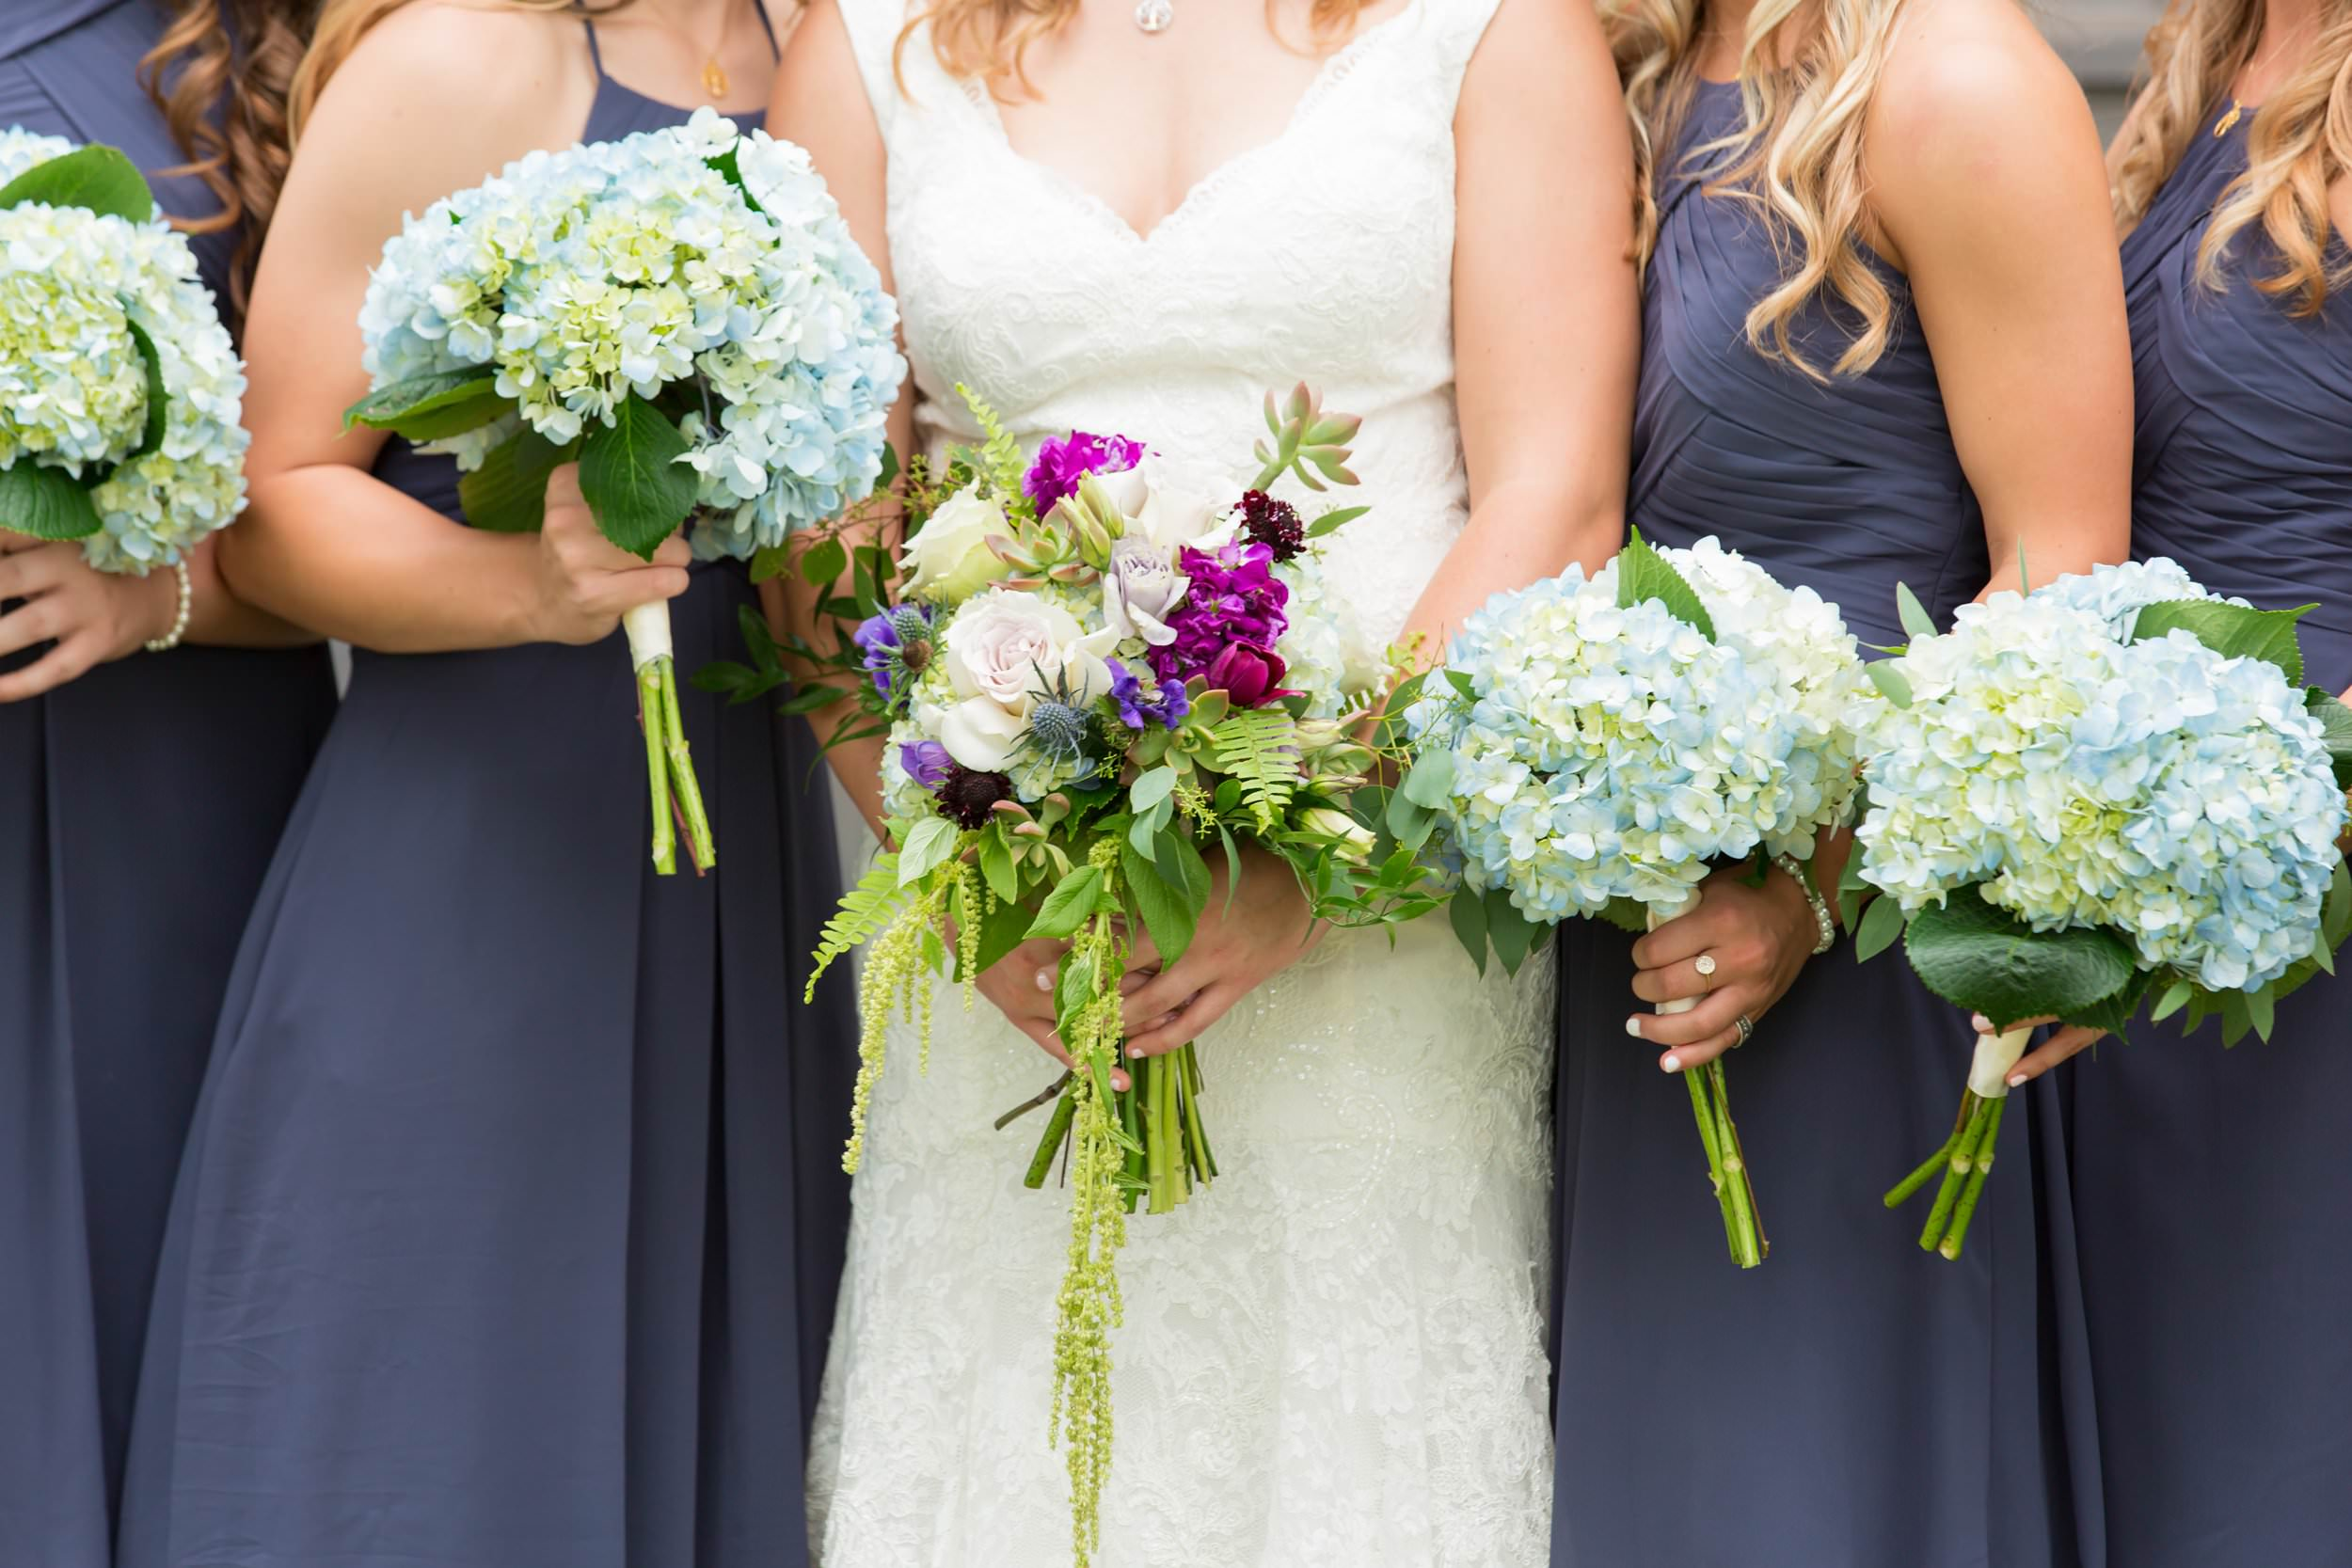 Abby-Manor-Events-Wedding-Photos05.jpg